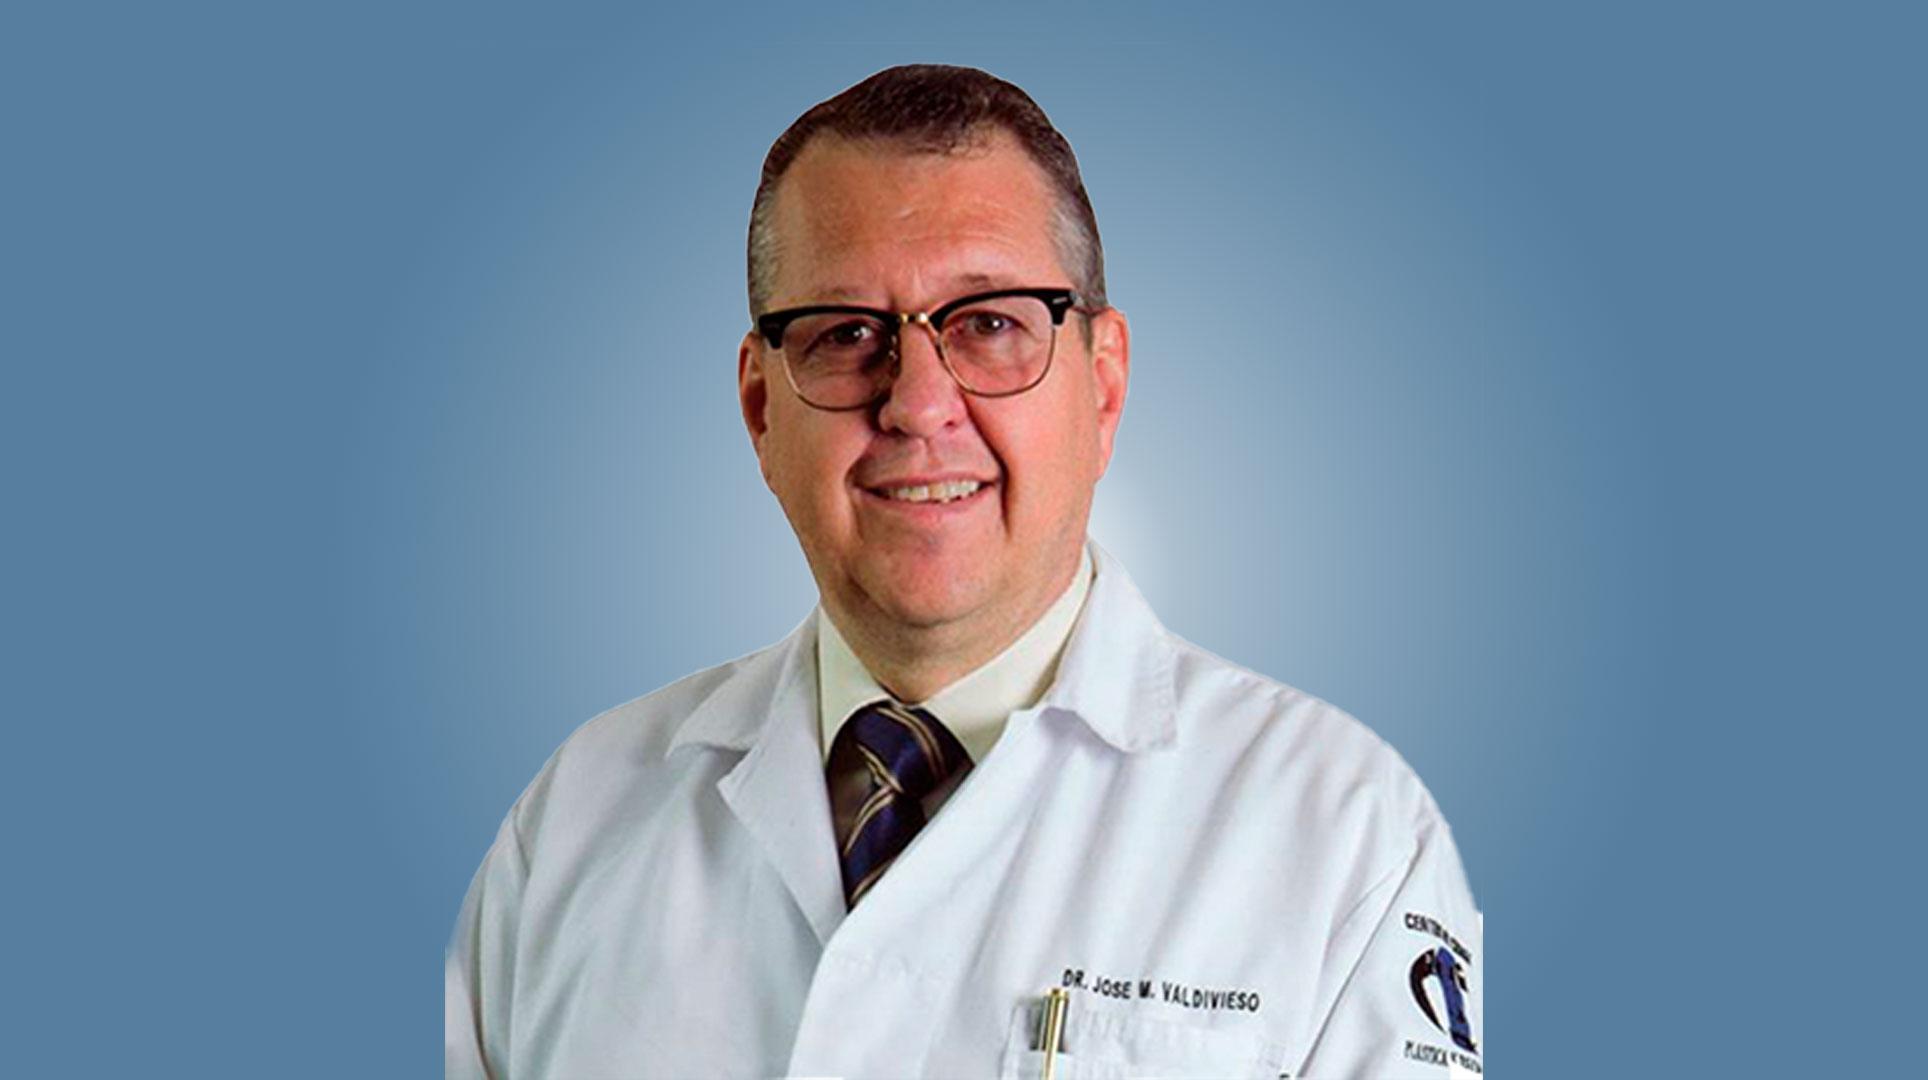 Dr. José Valdivieso